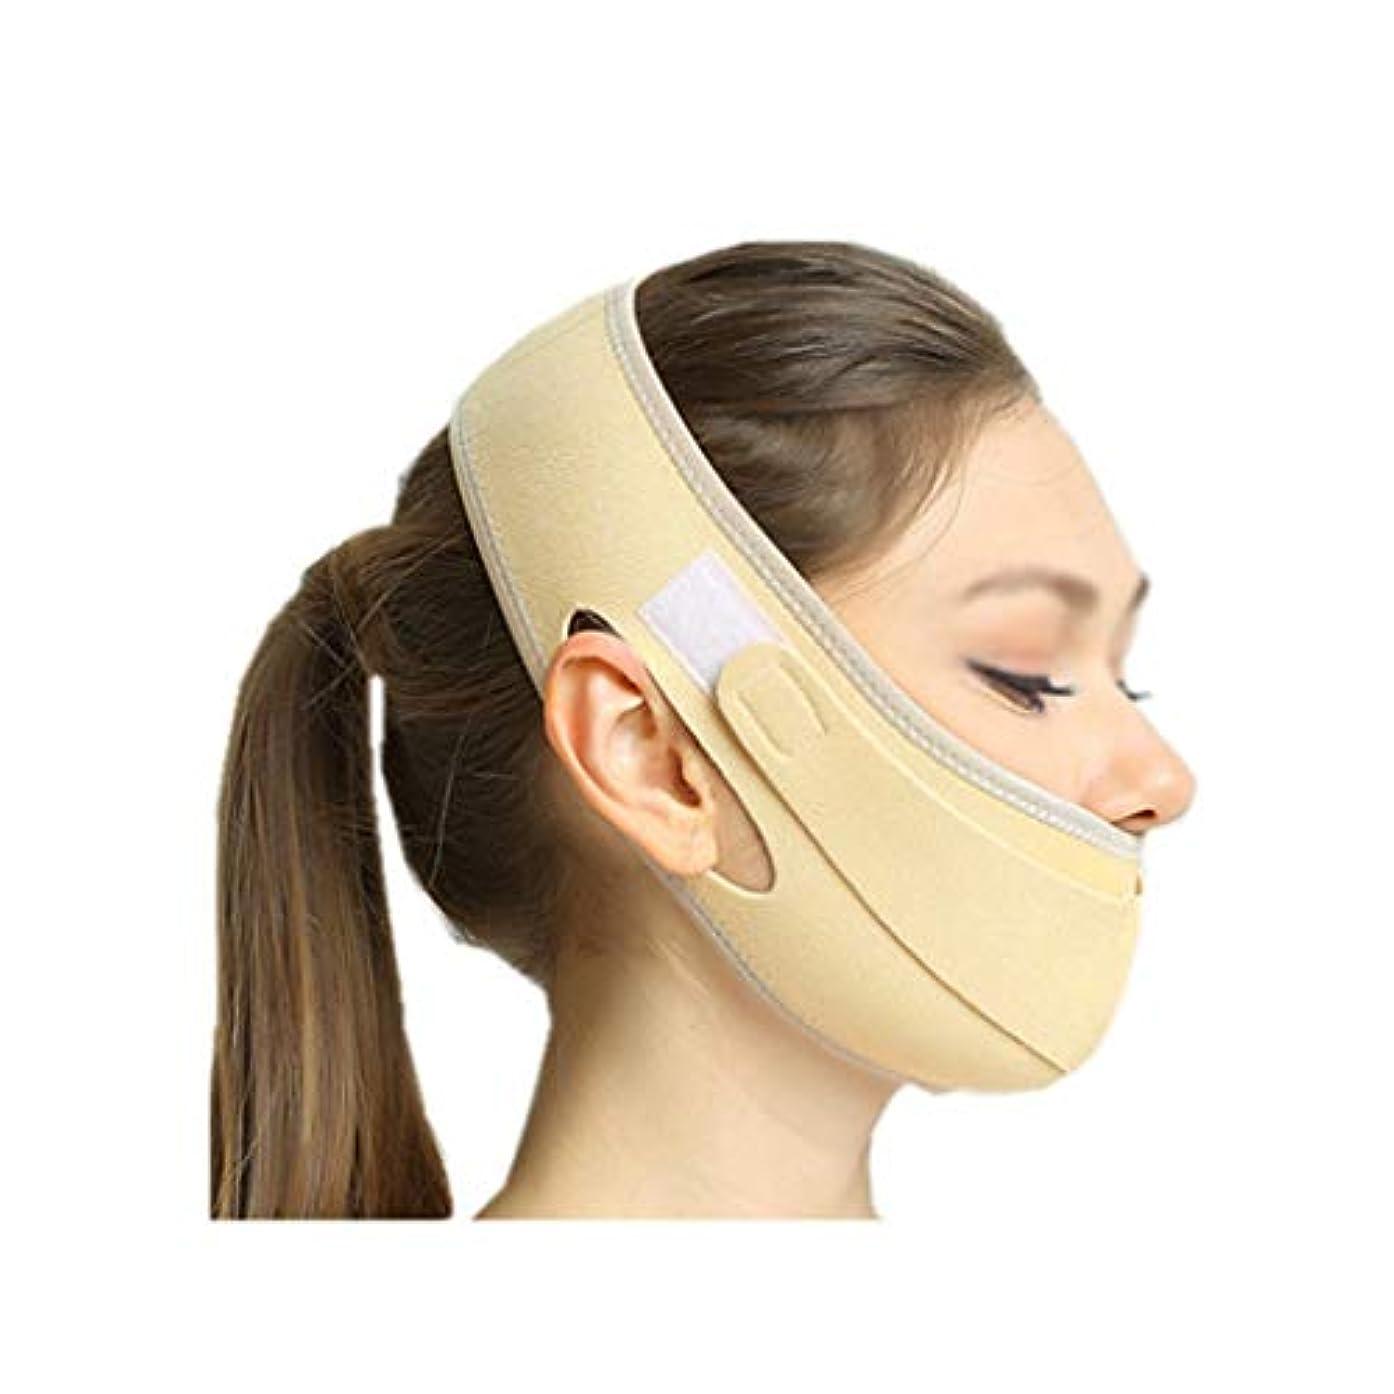 ボス権限杖XHLMRMJ 薄い顔で眠り、ラインカービング後に包帯を復元し、薄いダブルチンがマスクマスクを持ち上げ、2つのスタイルから選択できます (Color : A)